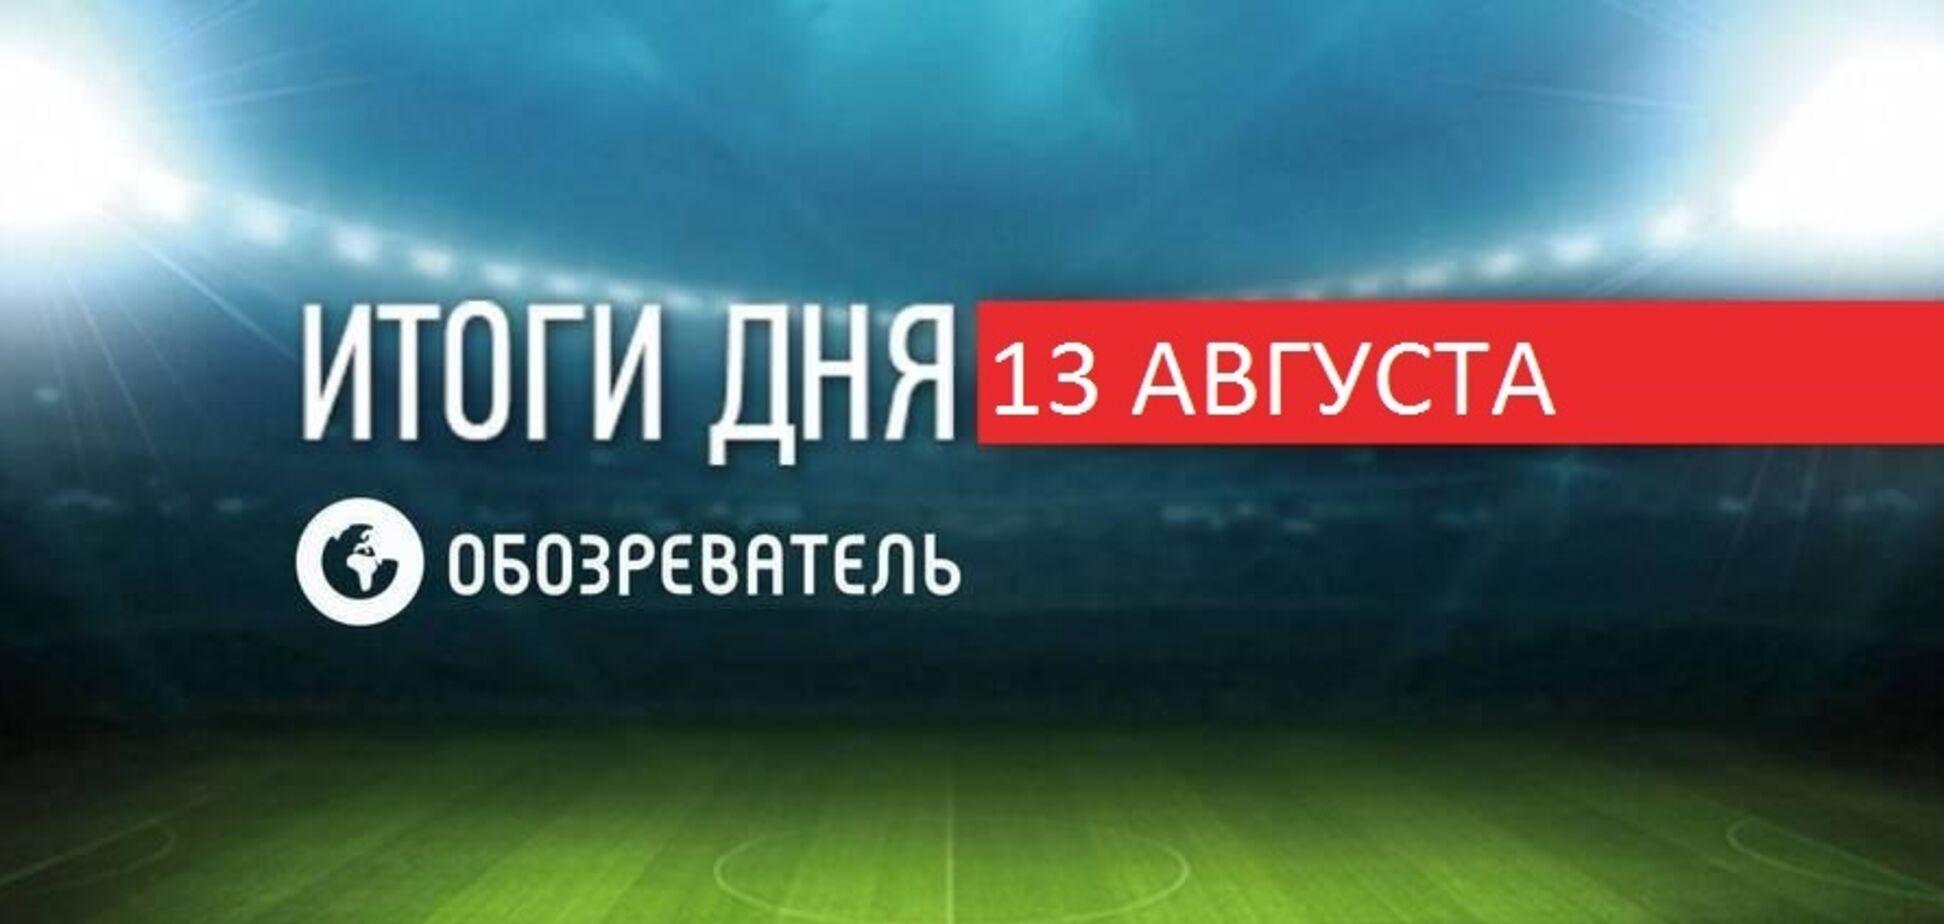 Стало известно о новшествах Луческу в 'Динамо': спортивные итоги 13 августа